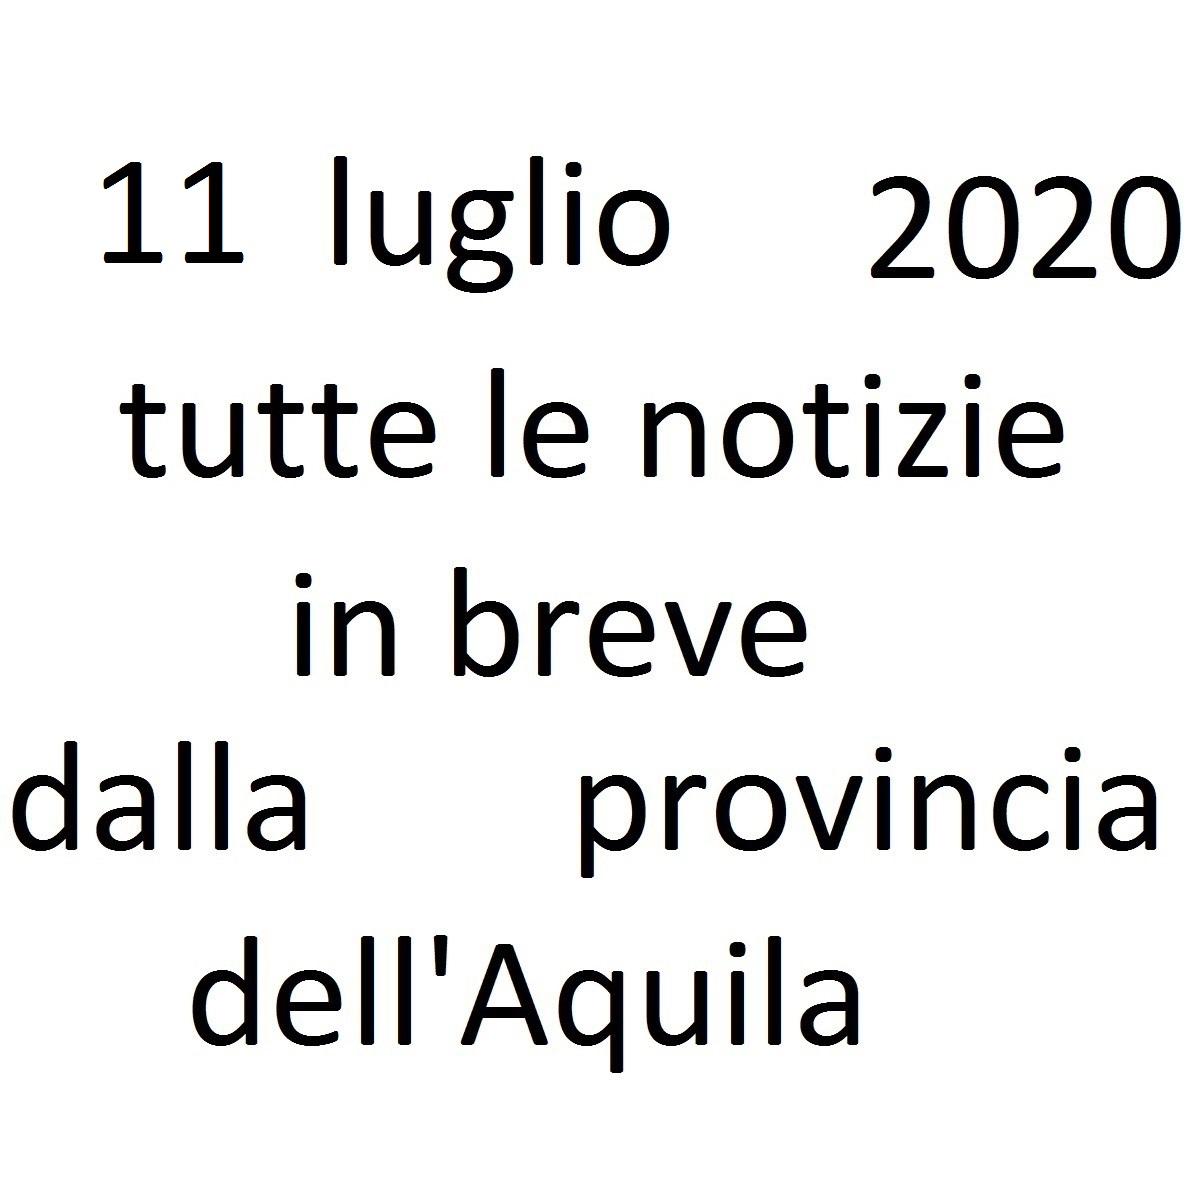 11 luglio 2020 notizie in breve dalla Provincia dell'Aquila foto